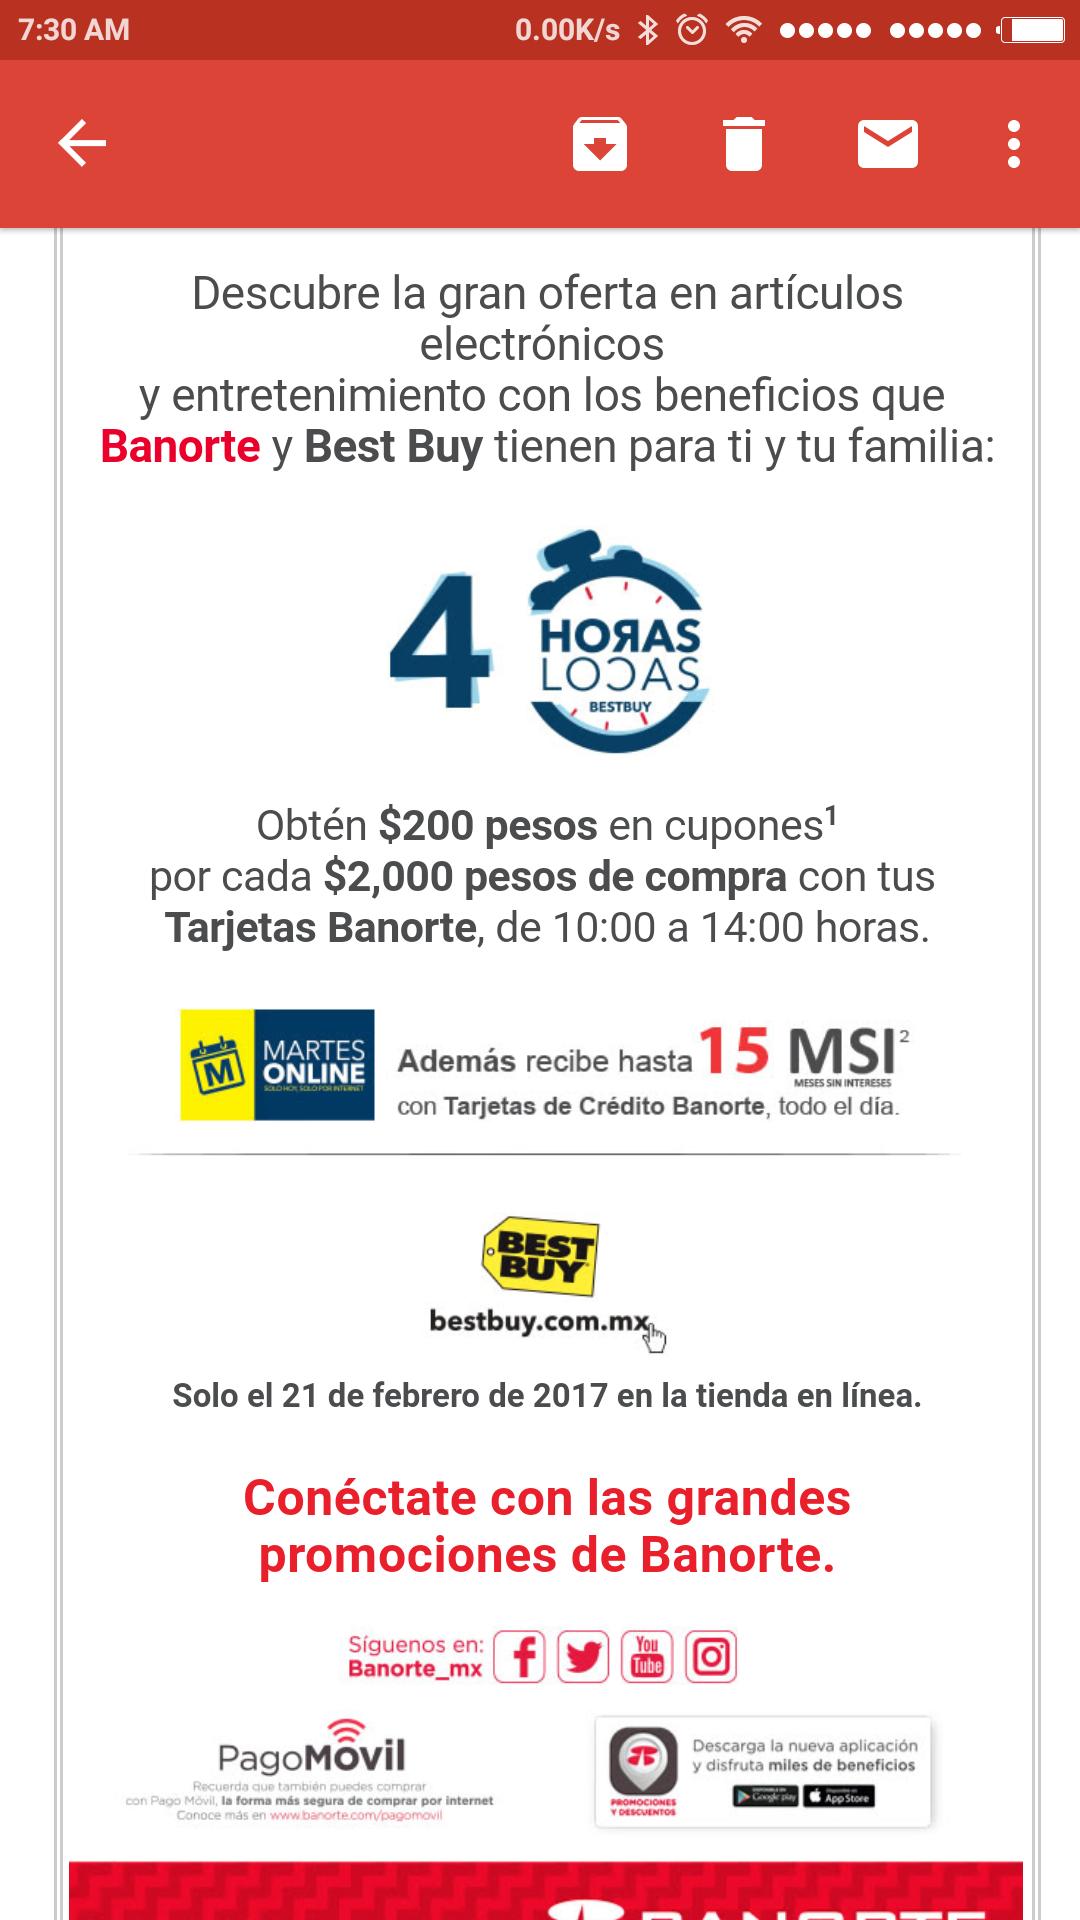 Best Buy y Banorte: 4 horas locas, $200 pesos en cupones por cada de $2,000 pesos de compra